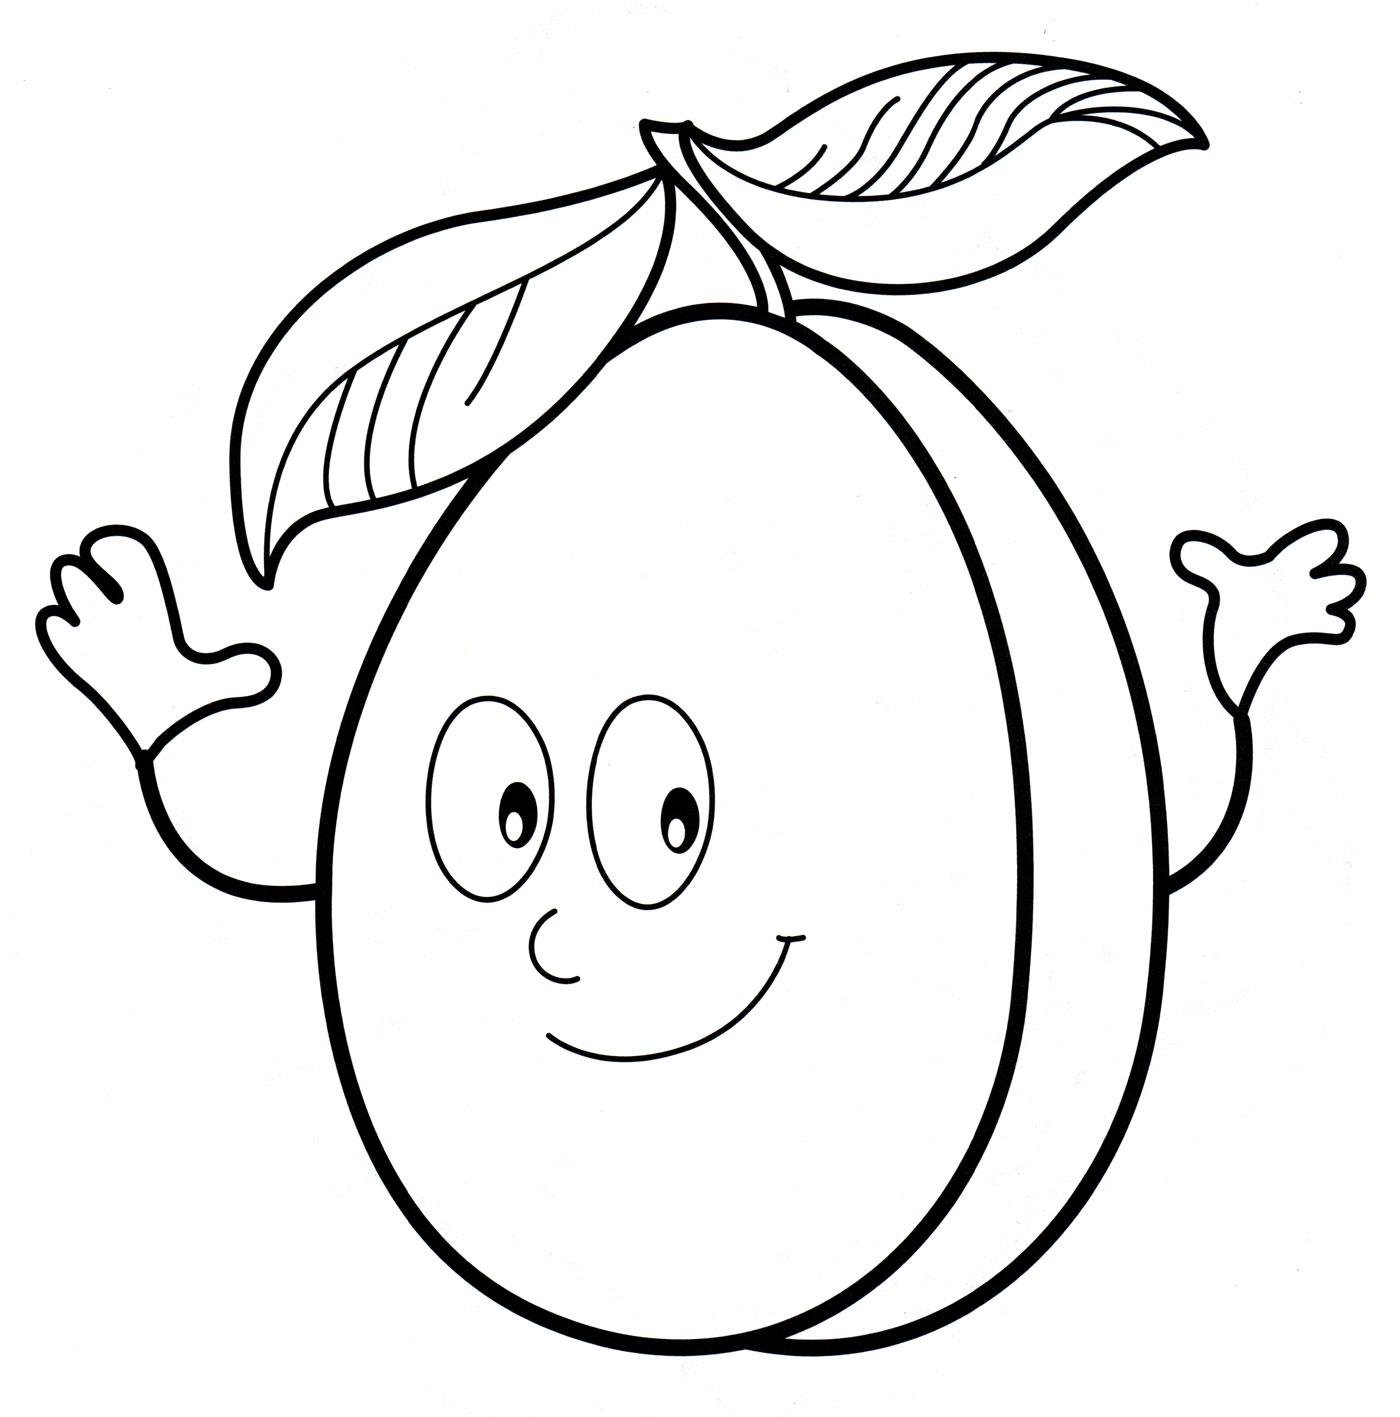 Смешные овощи и фрукты картинки для детей распечатать для раскраски, дарю тебе